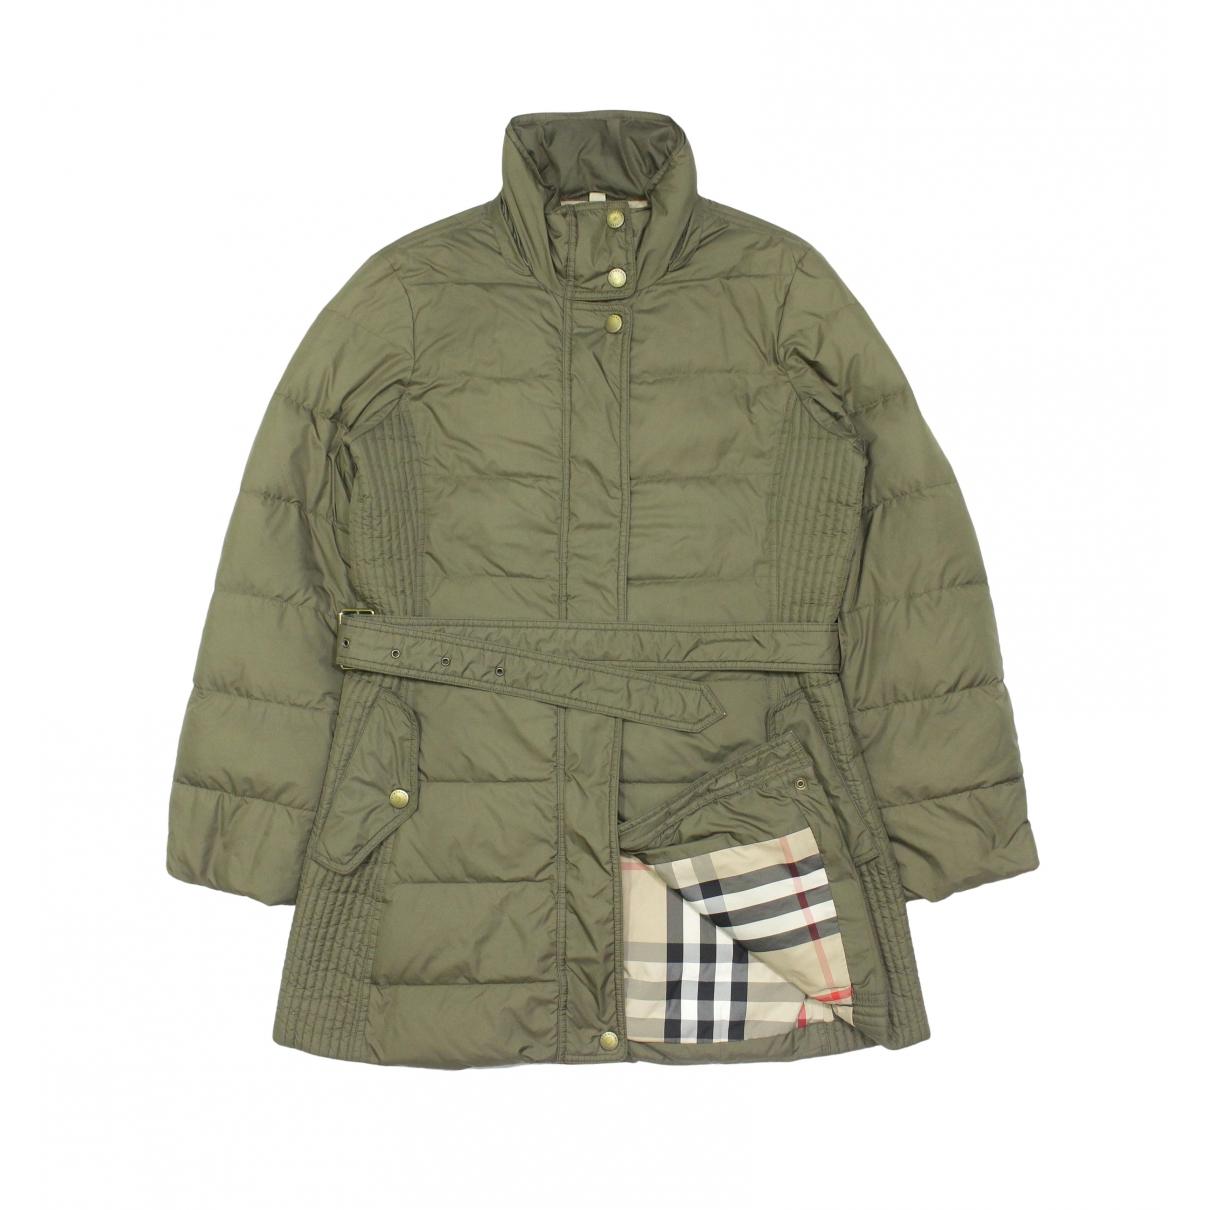 Burberry \N Khaki coat for Women M International